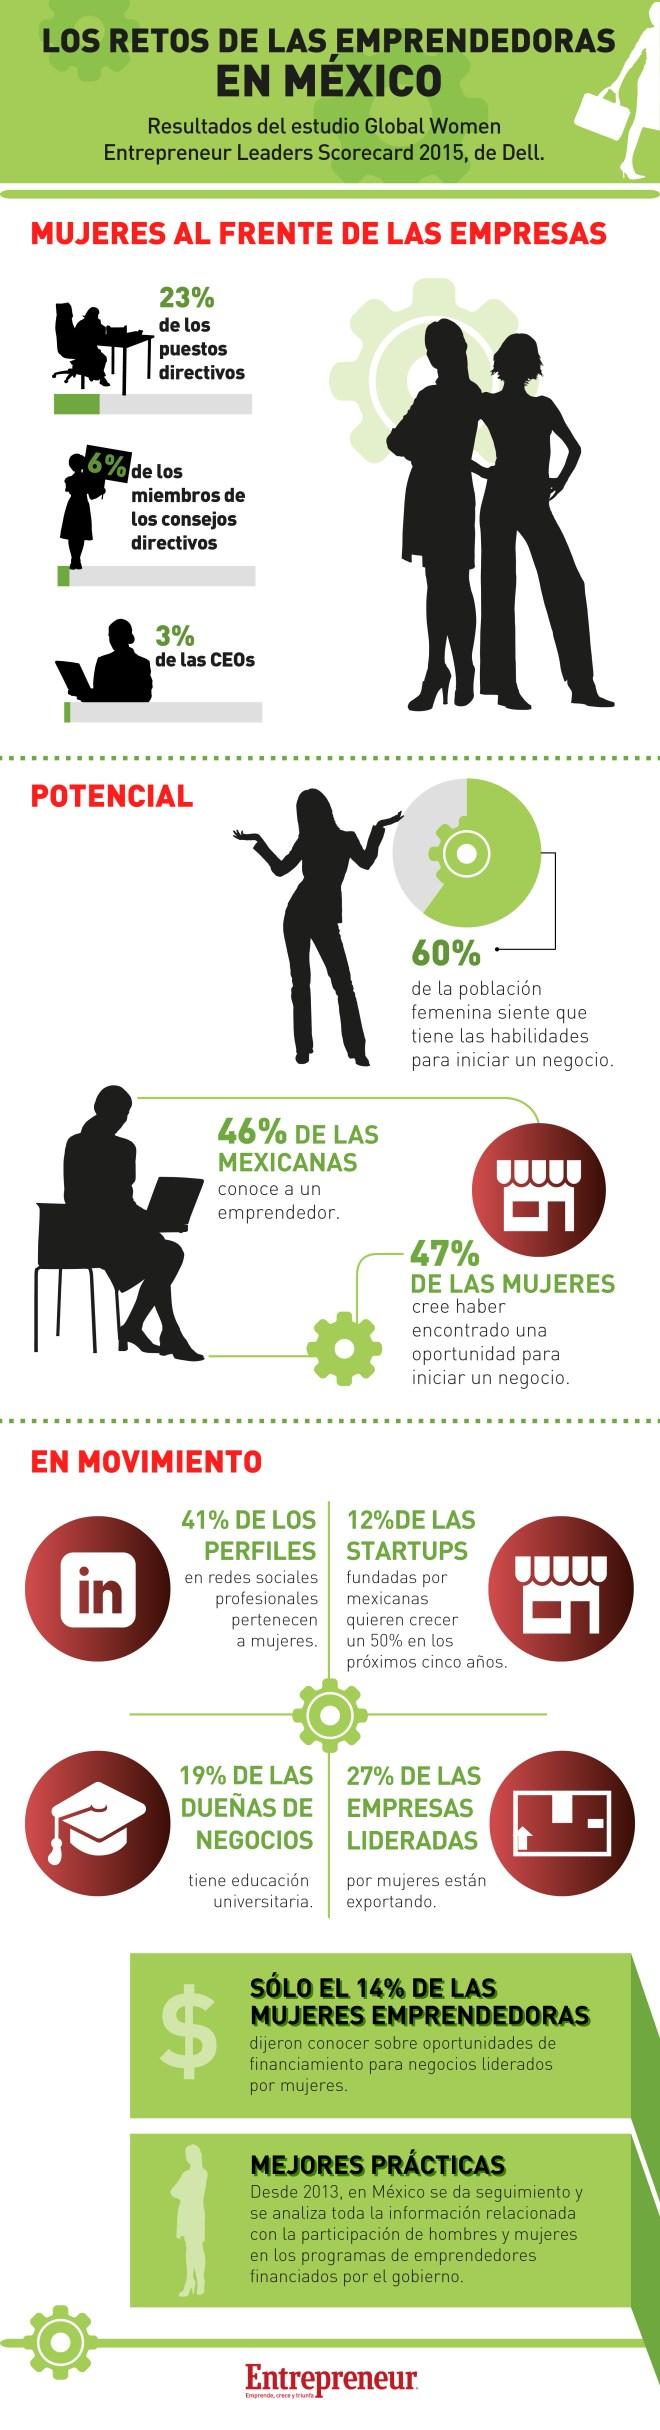 Retos de los emprendedores mexicanos